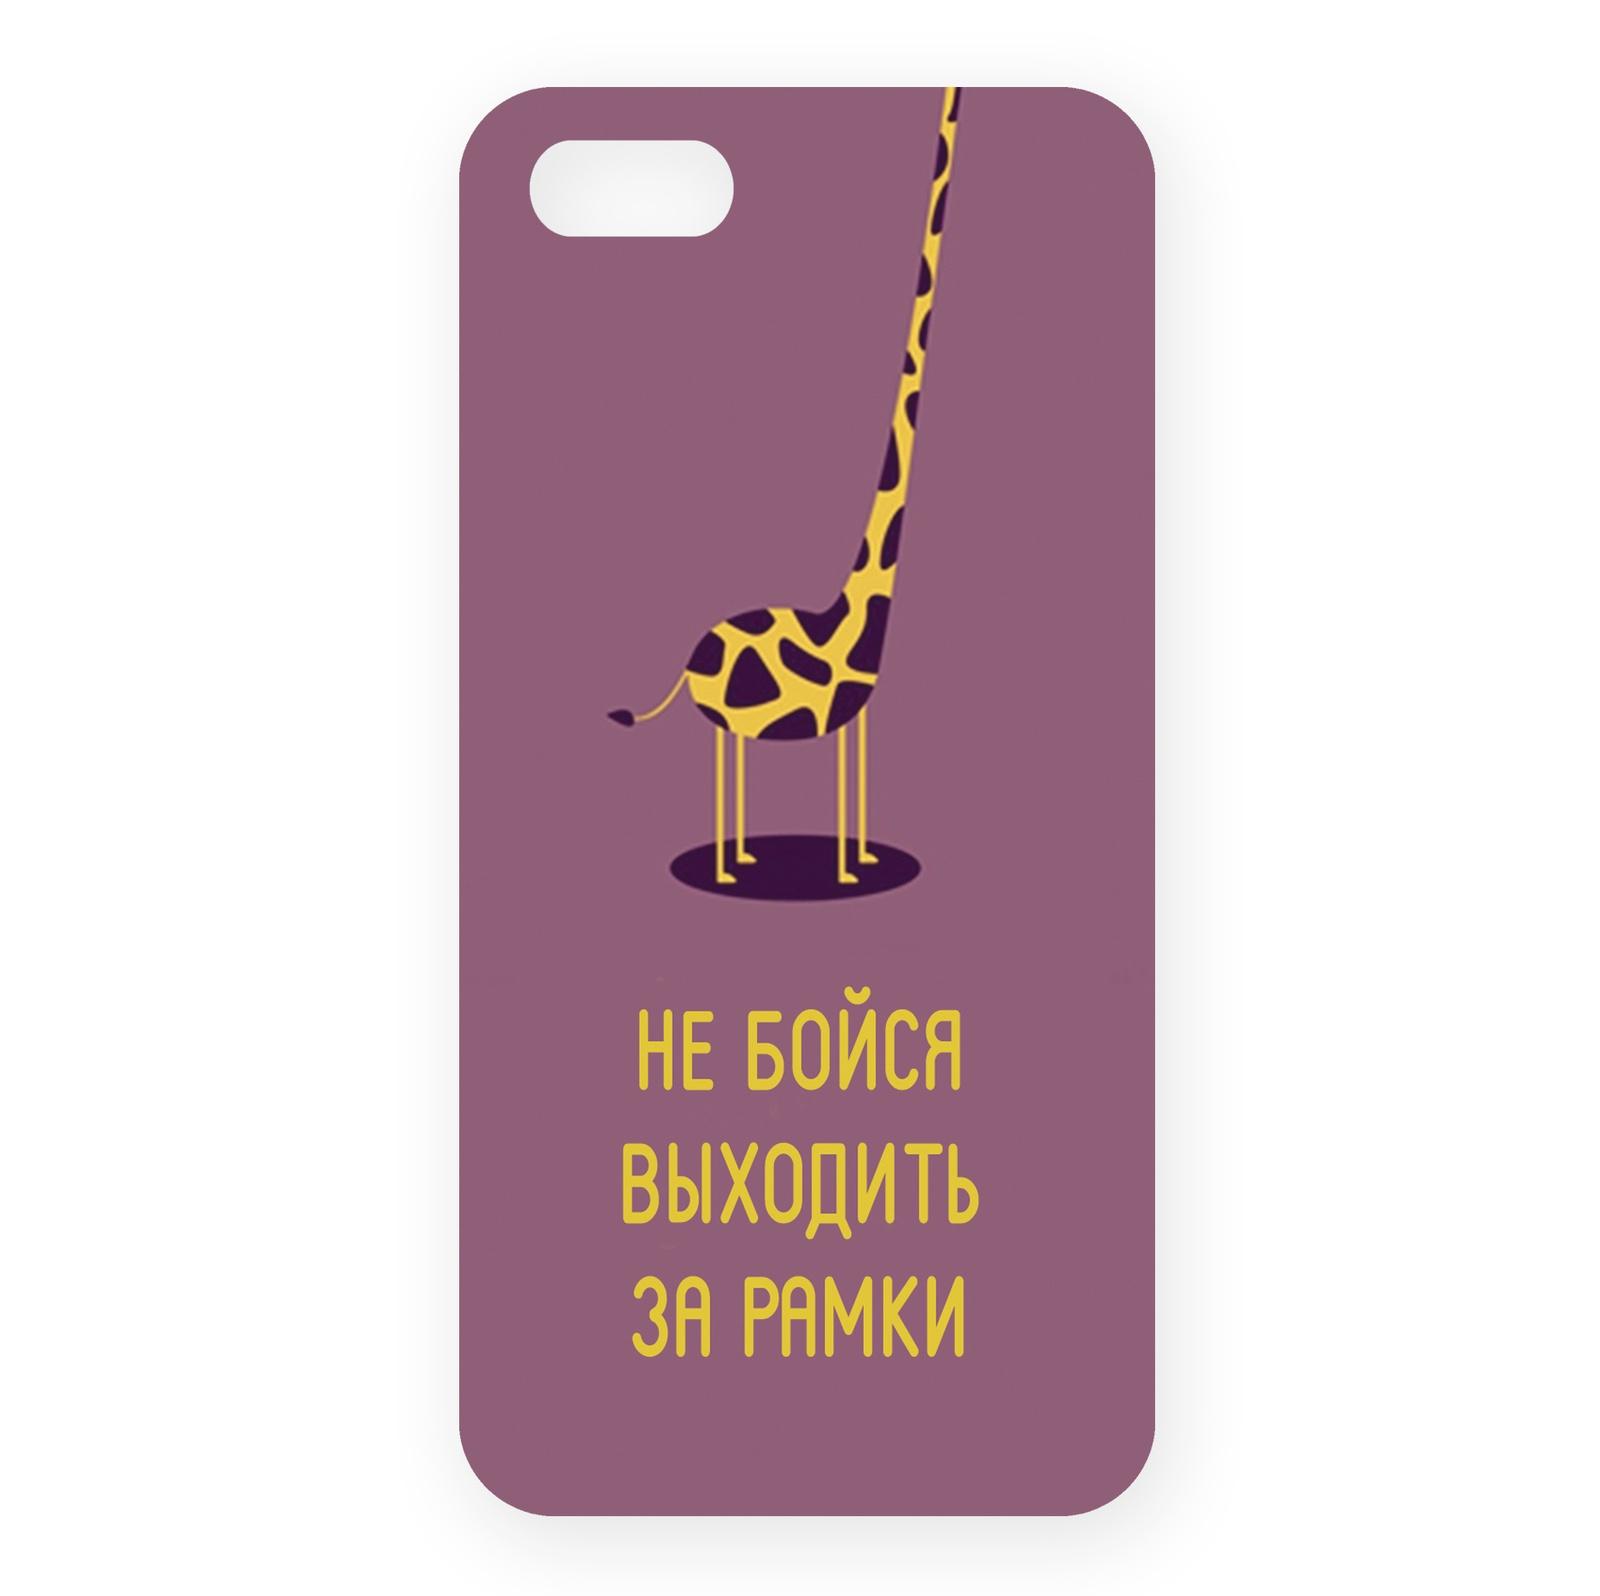 Чехол для сотового телефона Mitya Veselkov IP5.MITYA, IP5.MITYA-225, фиолетовый цена и фото